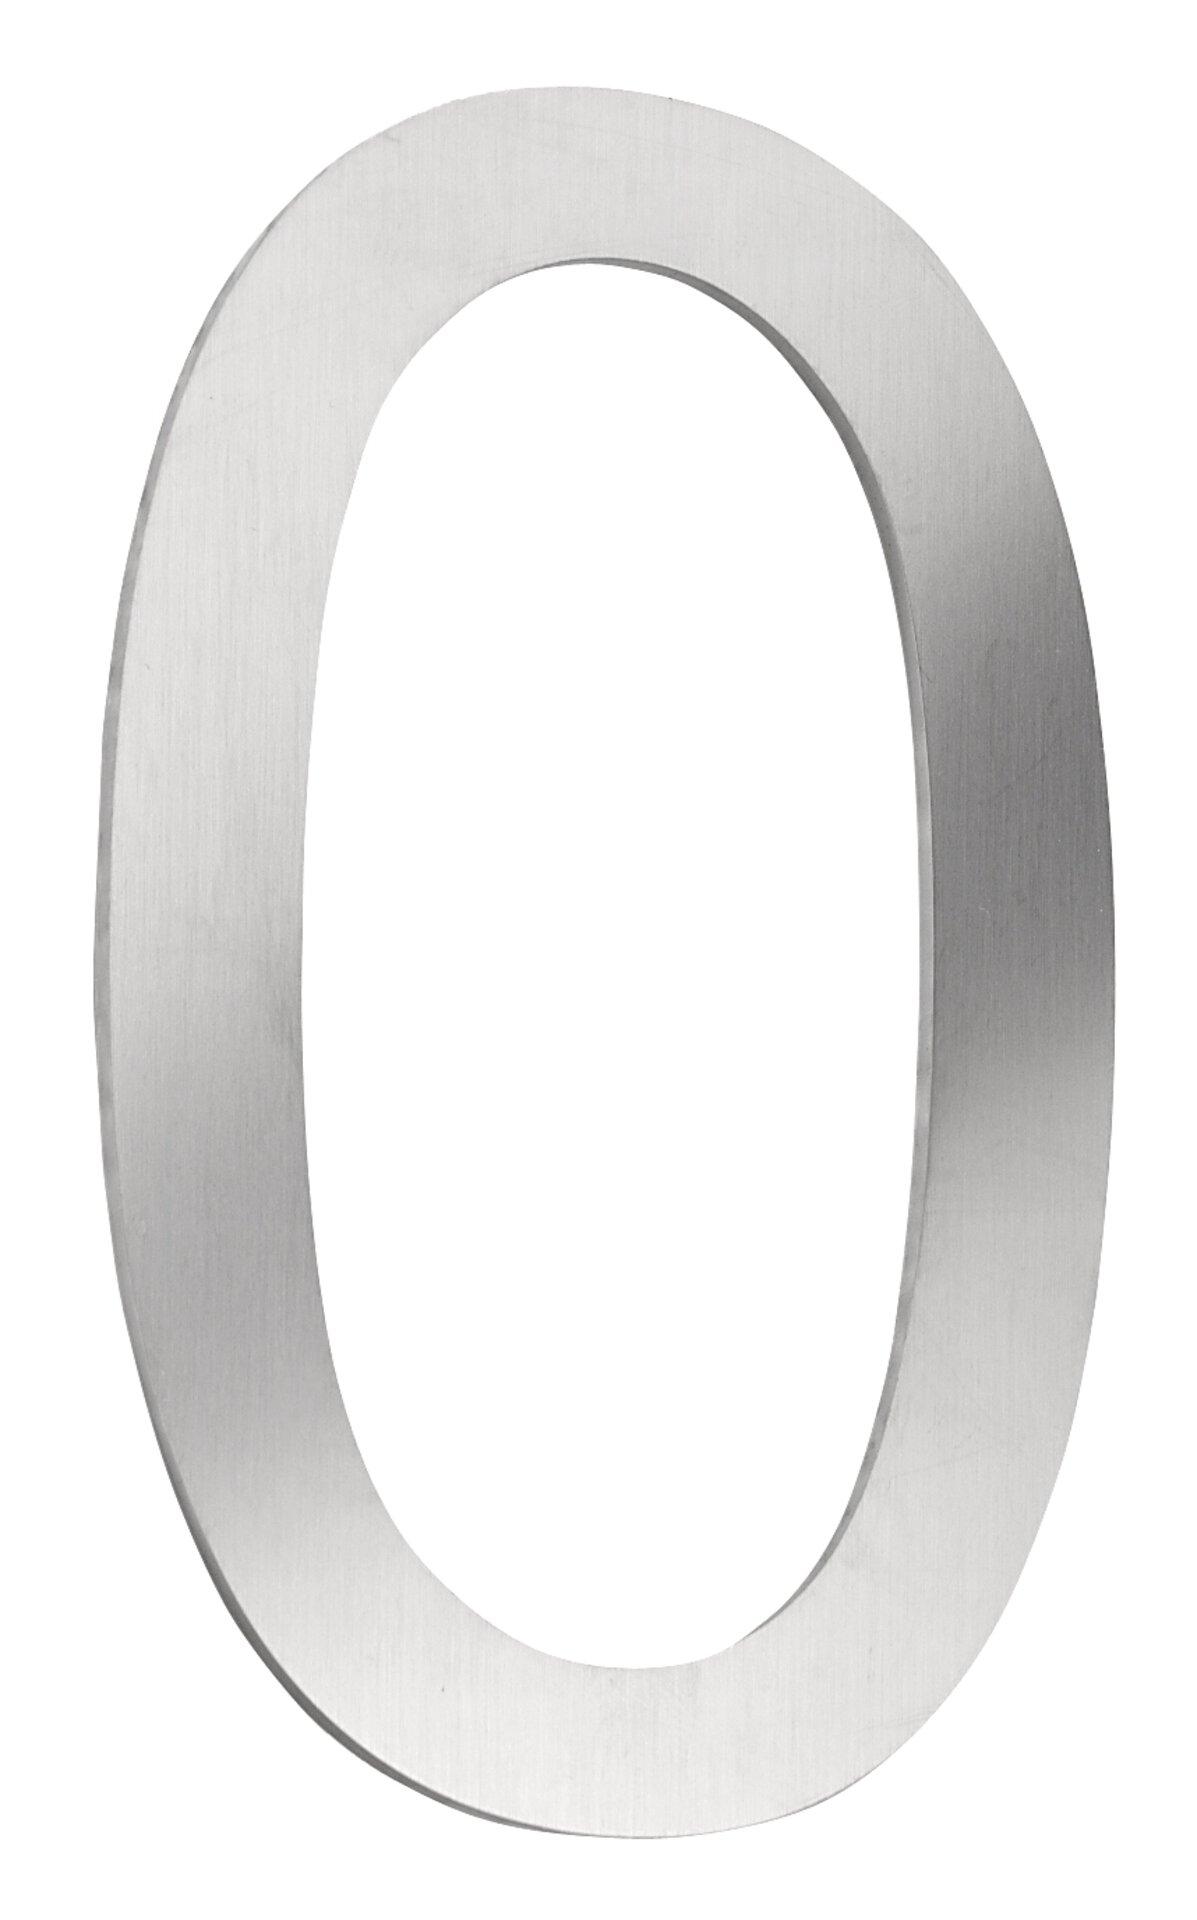 Hausnummer CMD Metall silber 10 x 16 x